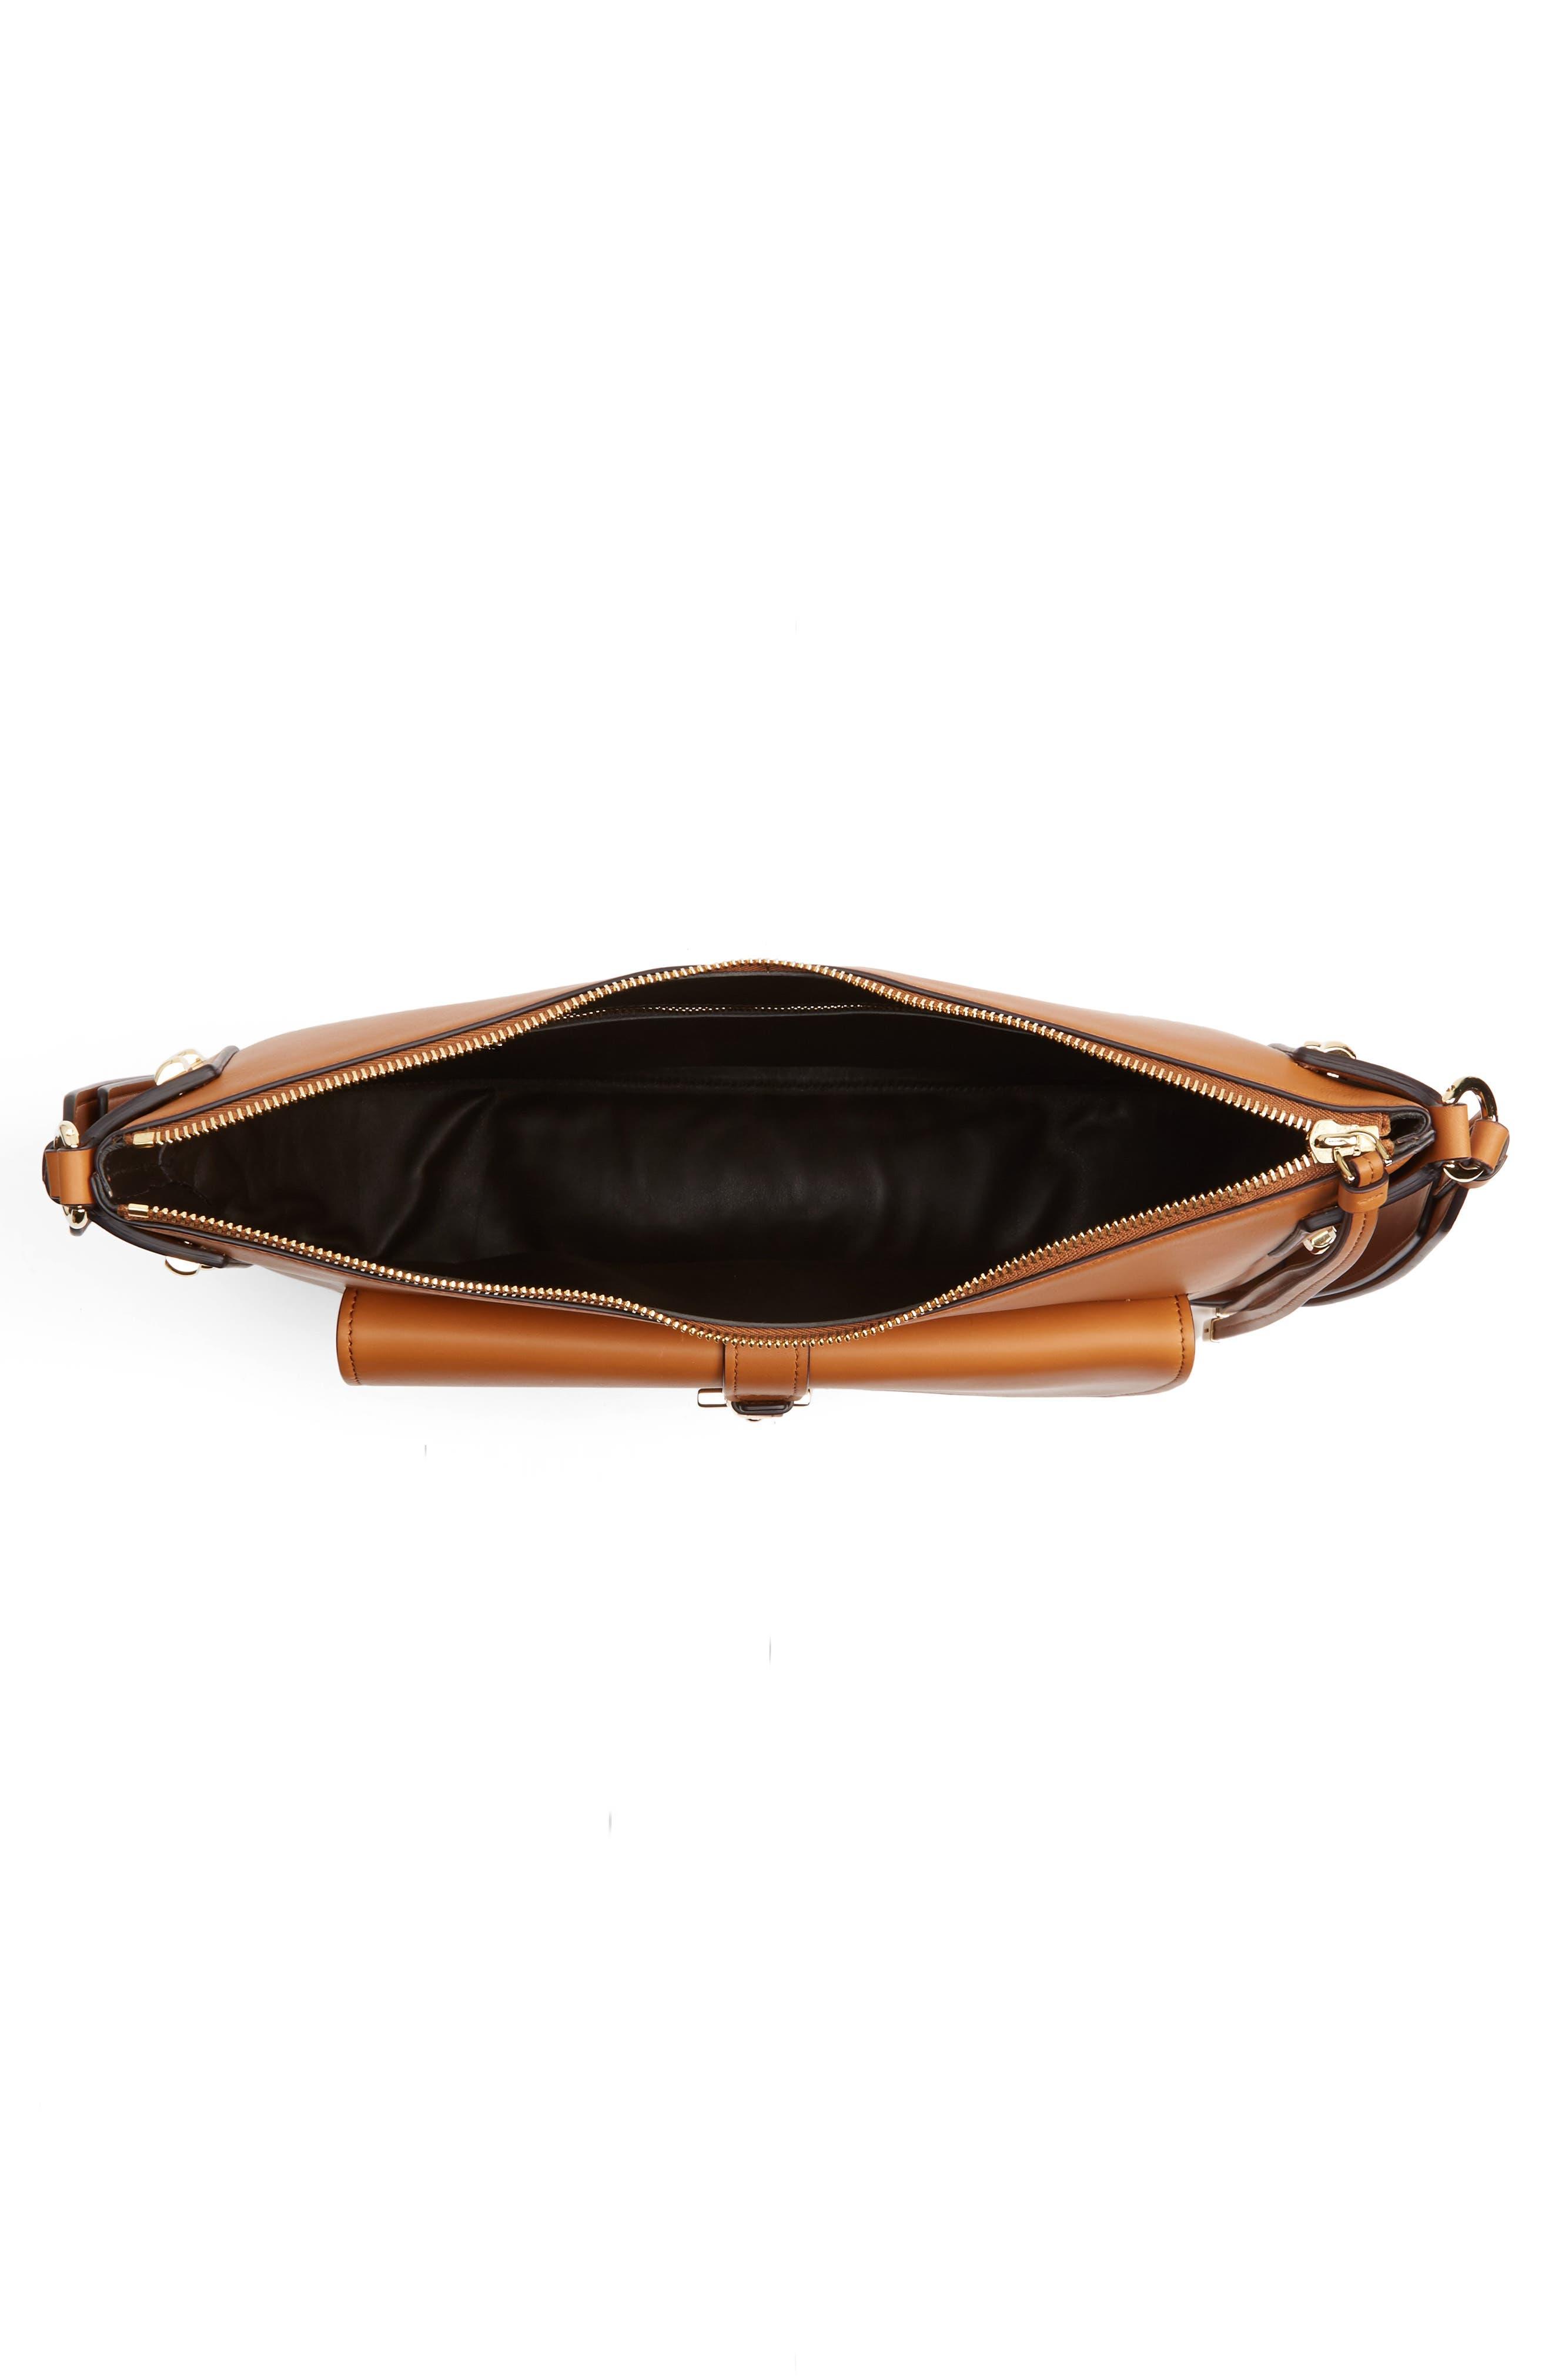 Calfskin Leather Hobo,                             Alternate thumbnail 4, color,                             241